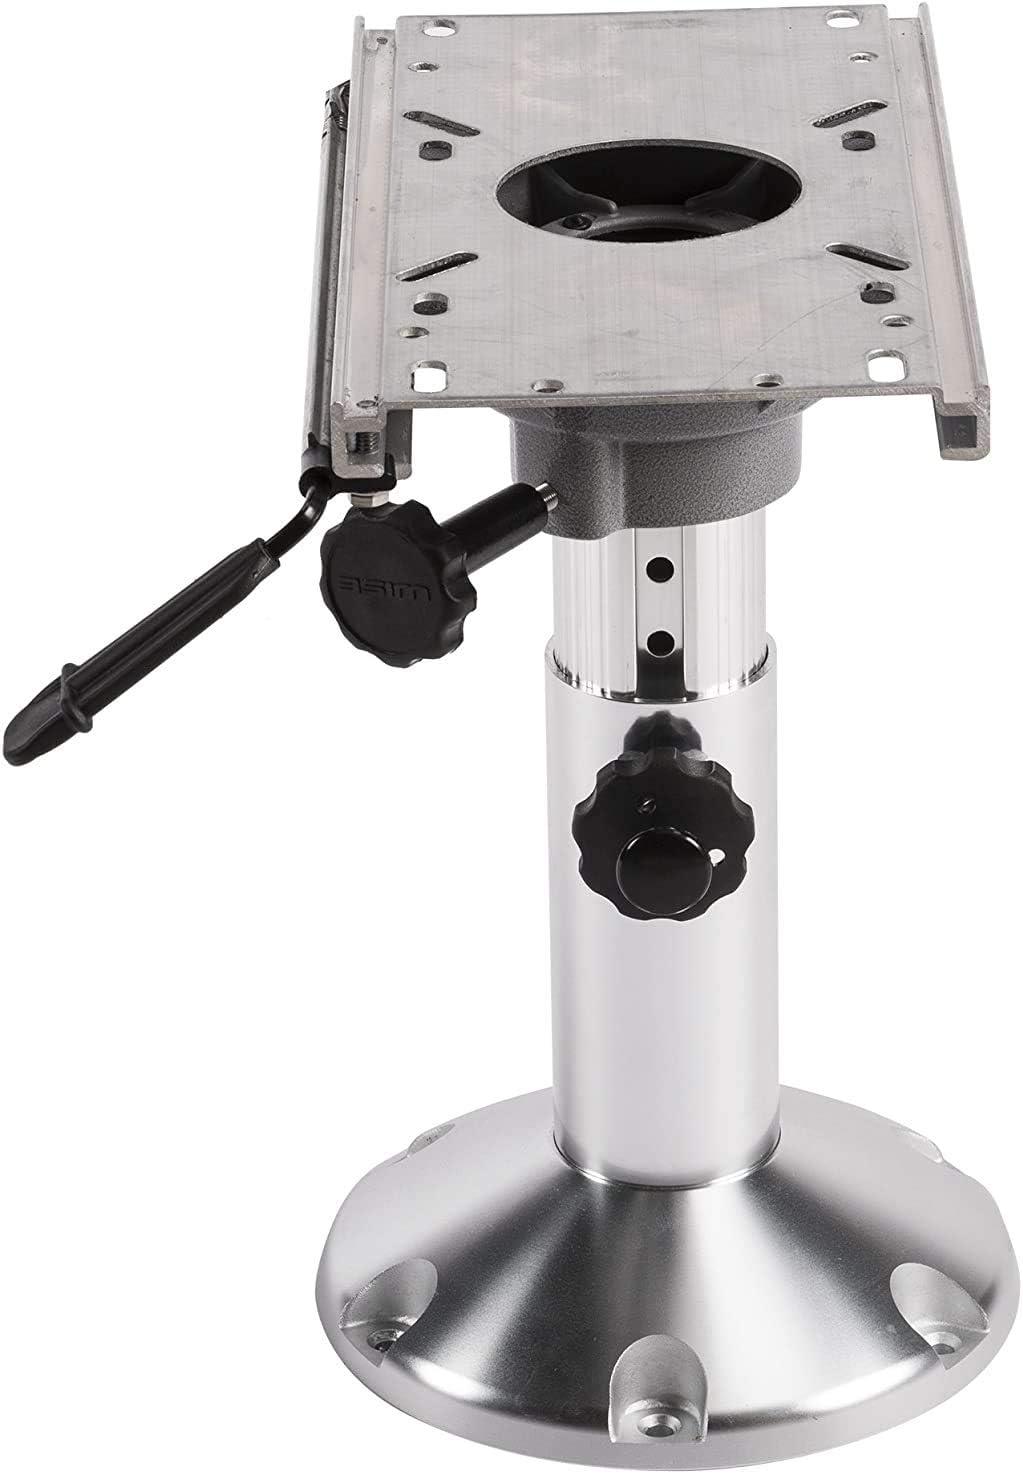 Wise 8WP21-374 Adjustable Pedestal with Slide,Silver